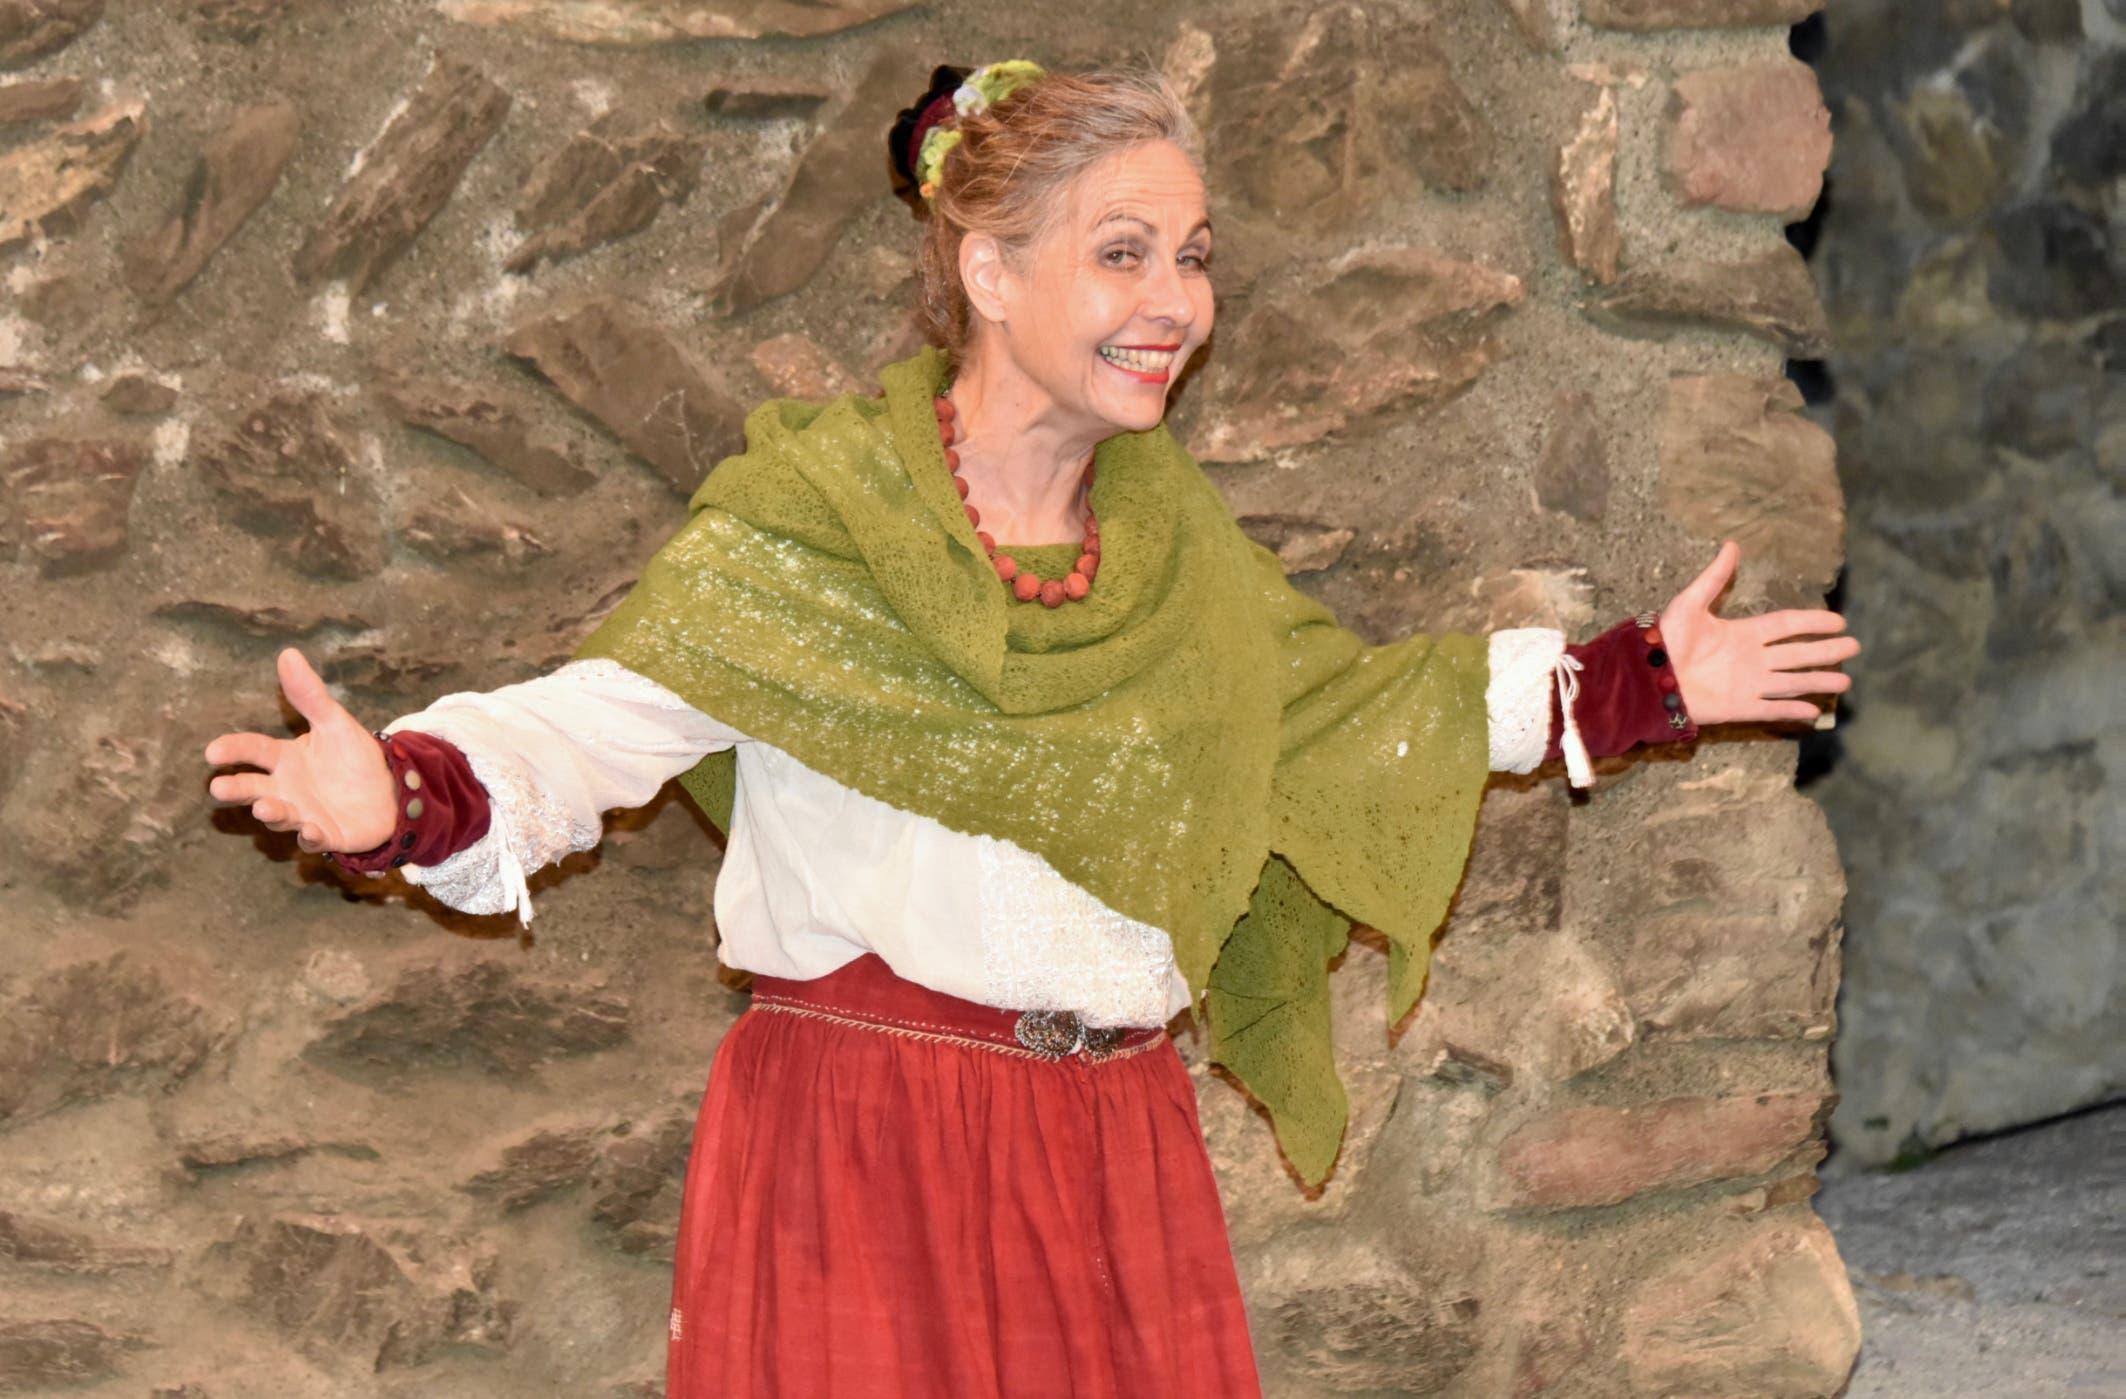 Märchenerzählerin Carlina Capiaghi in ihrem Element. (Bilder: Heidy Beyeler)